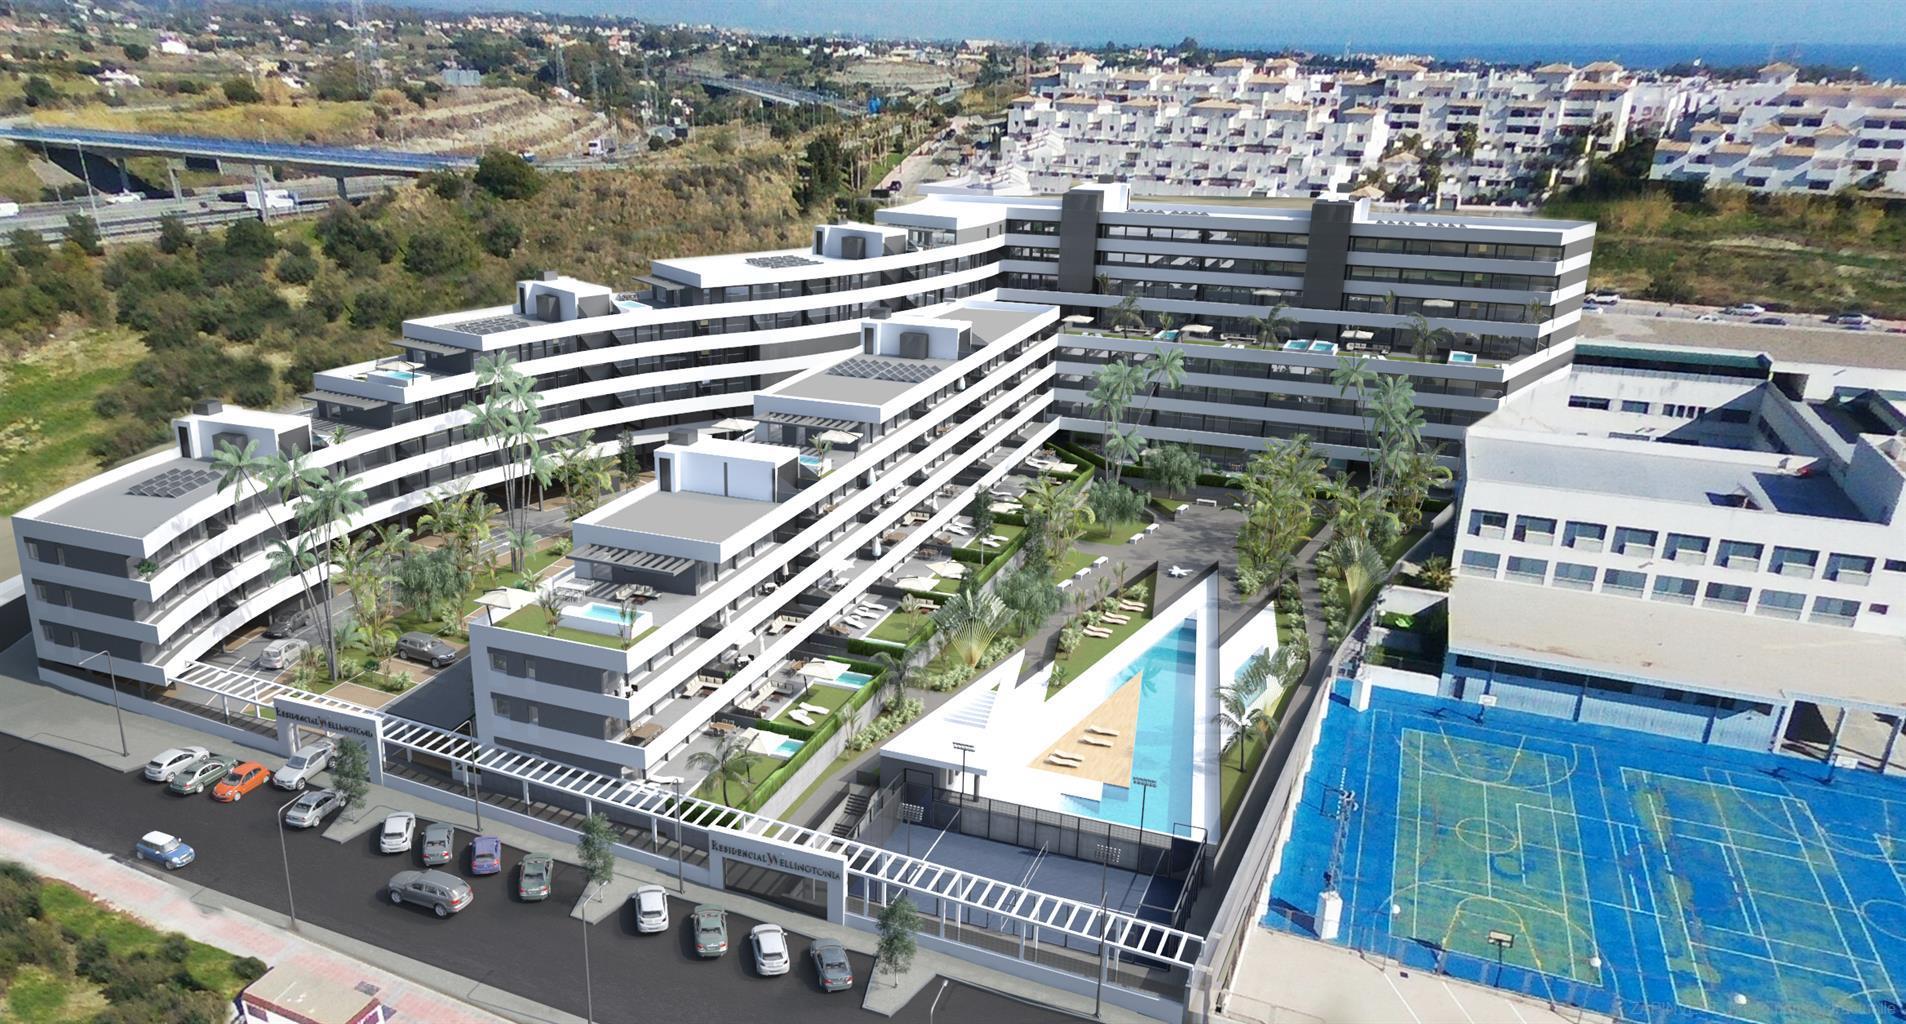 110 appartements d'une à quatre chambres, piscine commune, piste de padel-tennis, en plein coeur d'Estepona, à proximité des écoles, centre de santé, supermarchés.